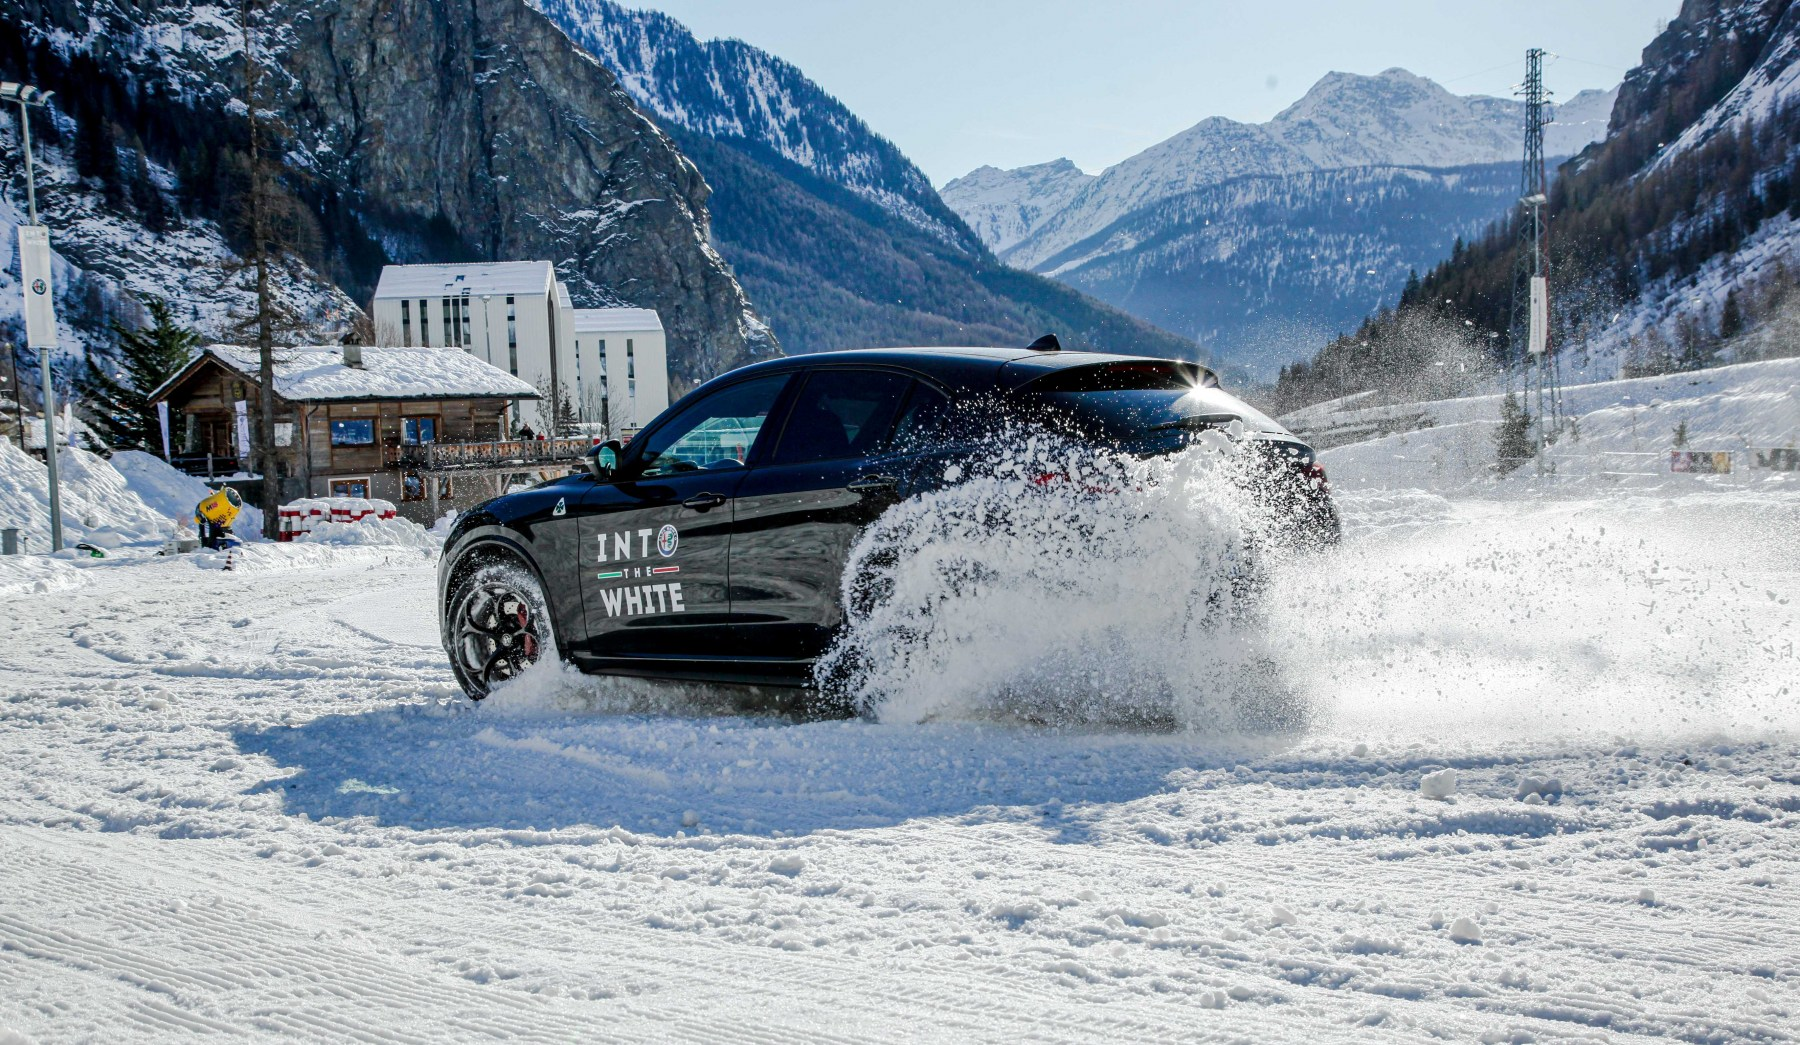 Alfa Romeo - Into The White